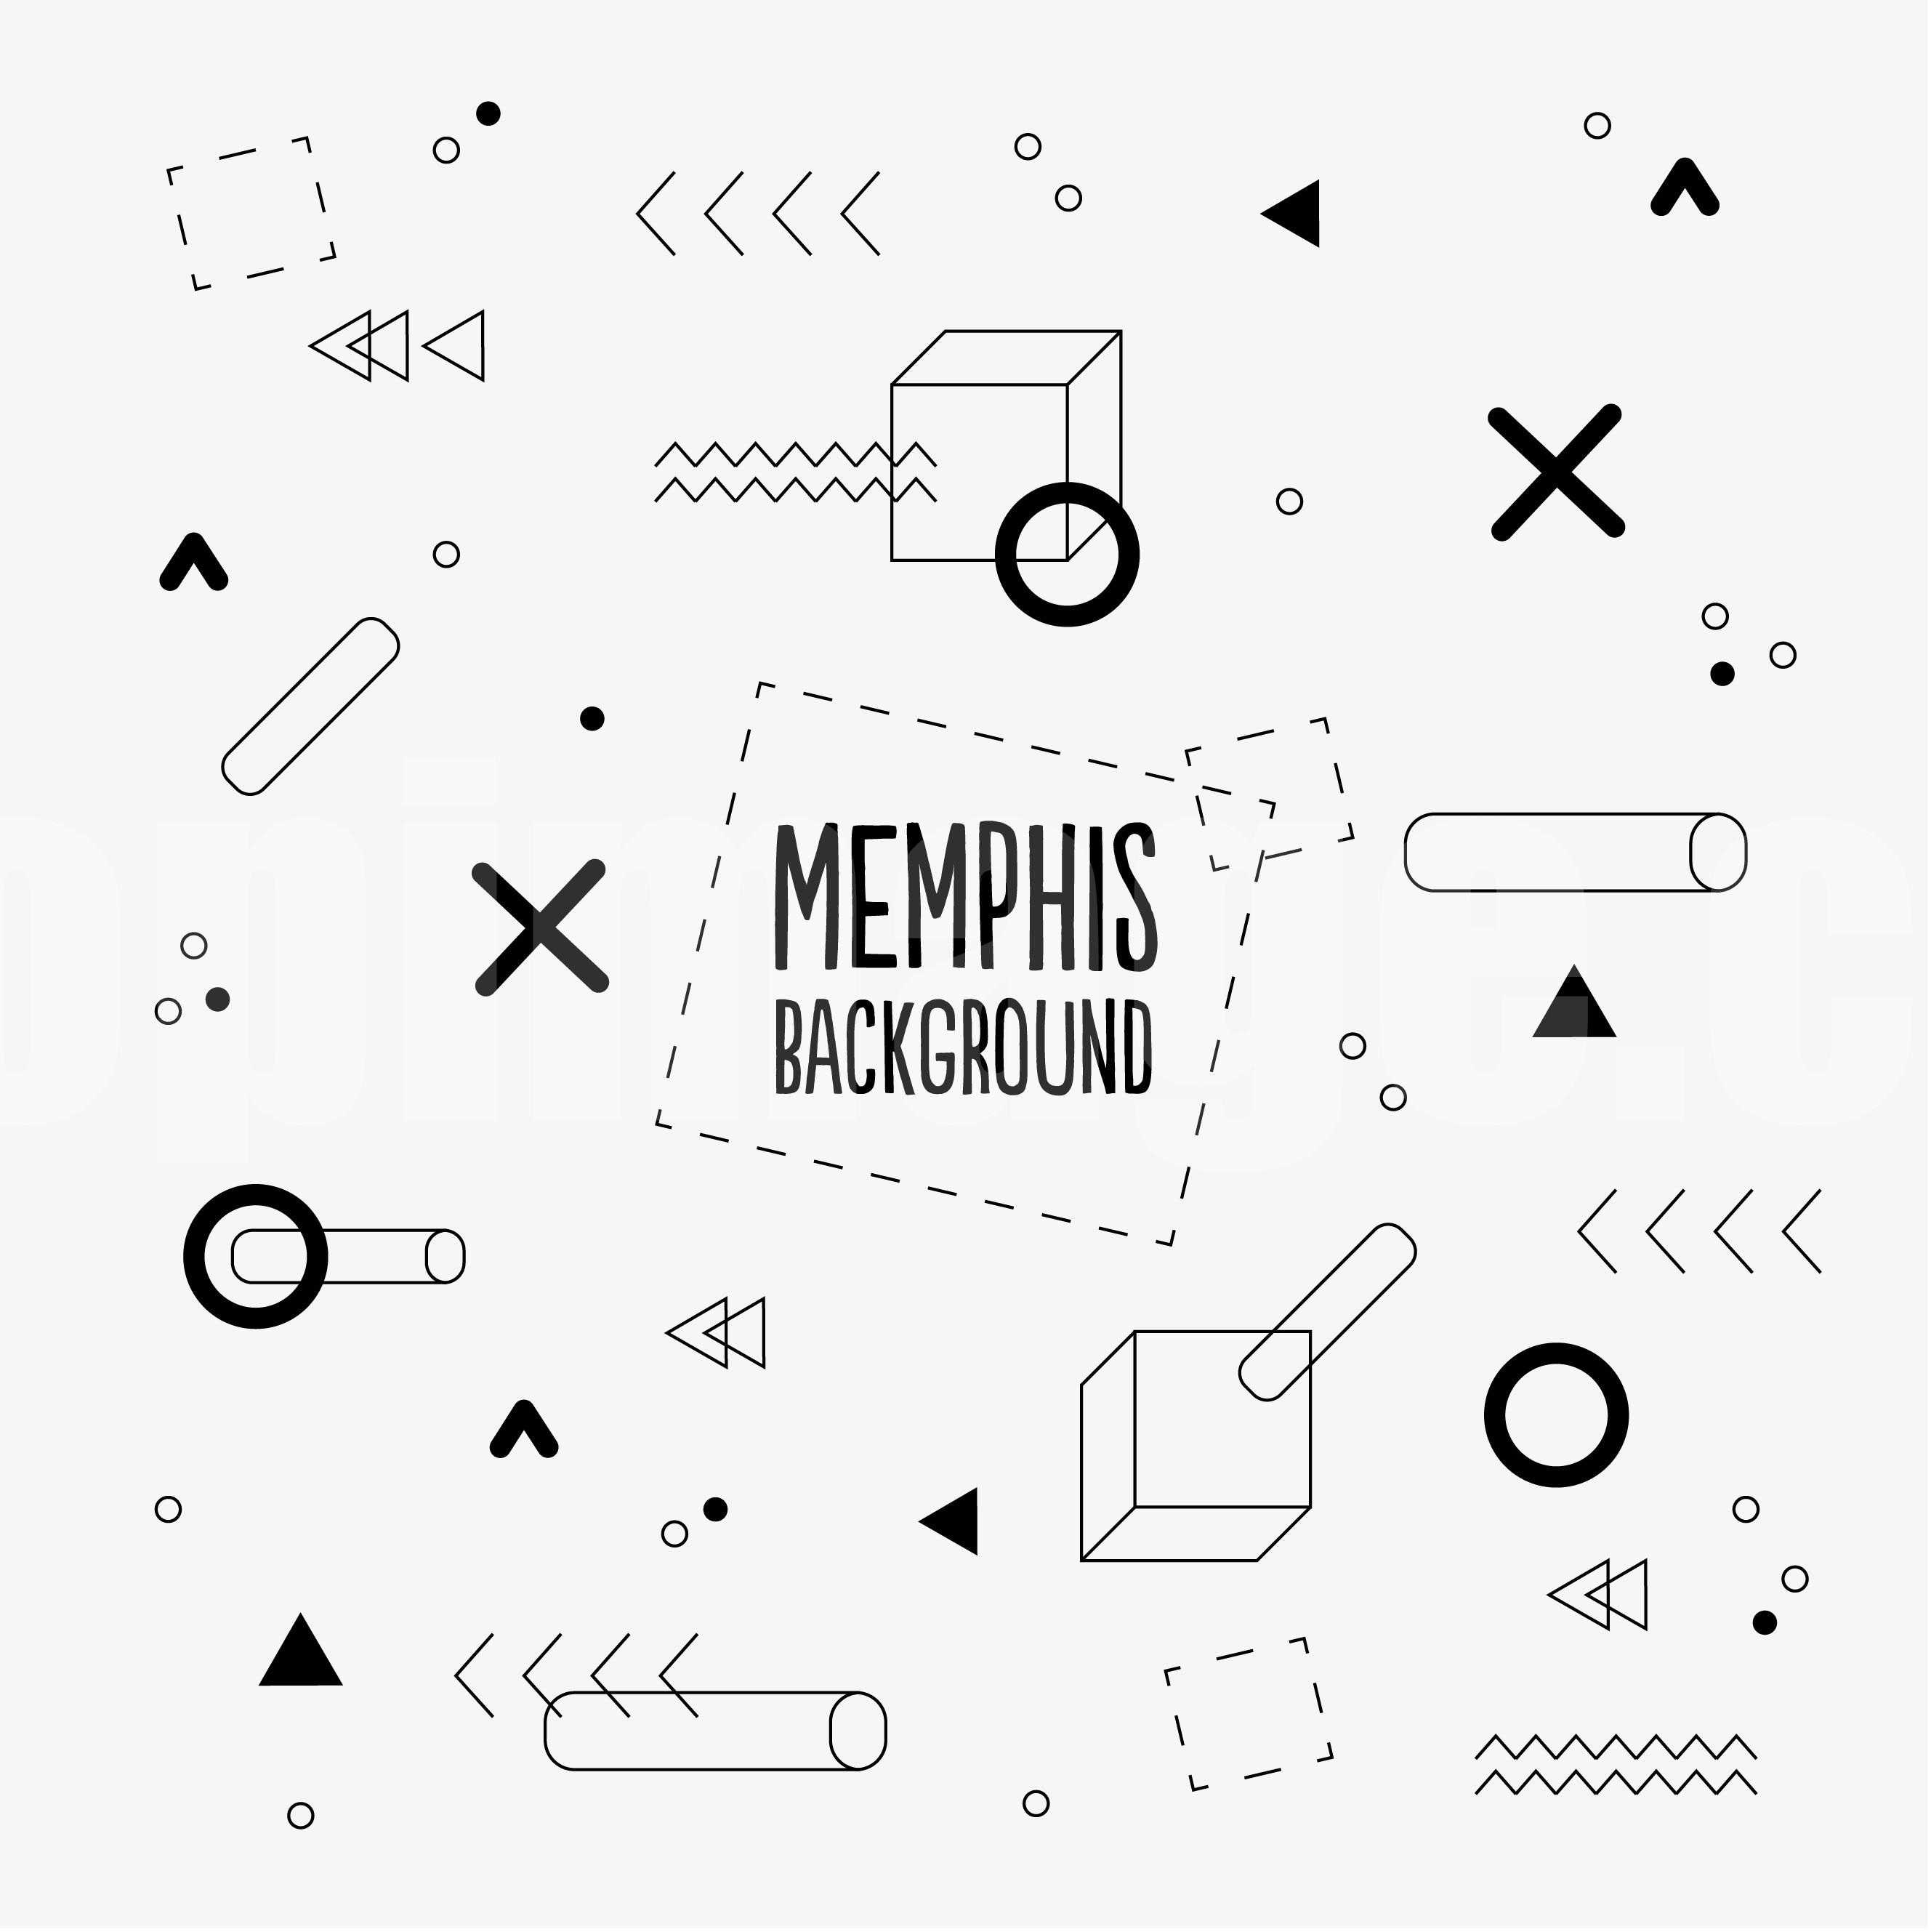 孟菲斯Memphis几何插画封面背景极简海报下载